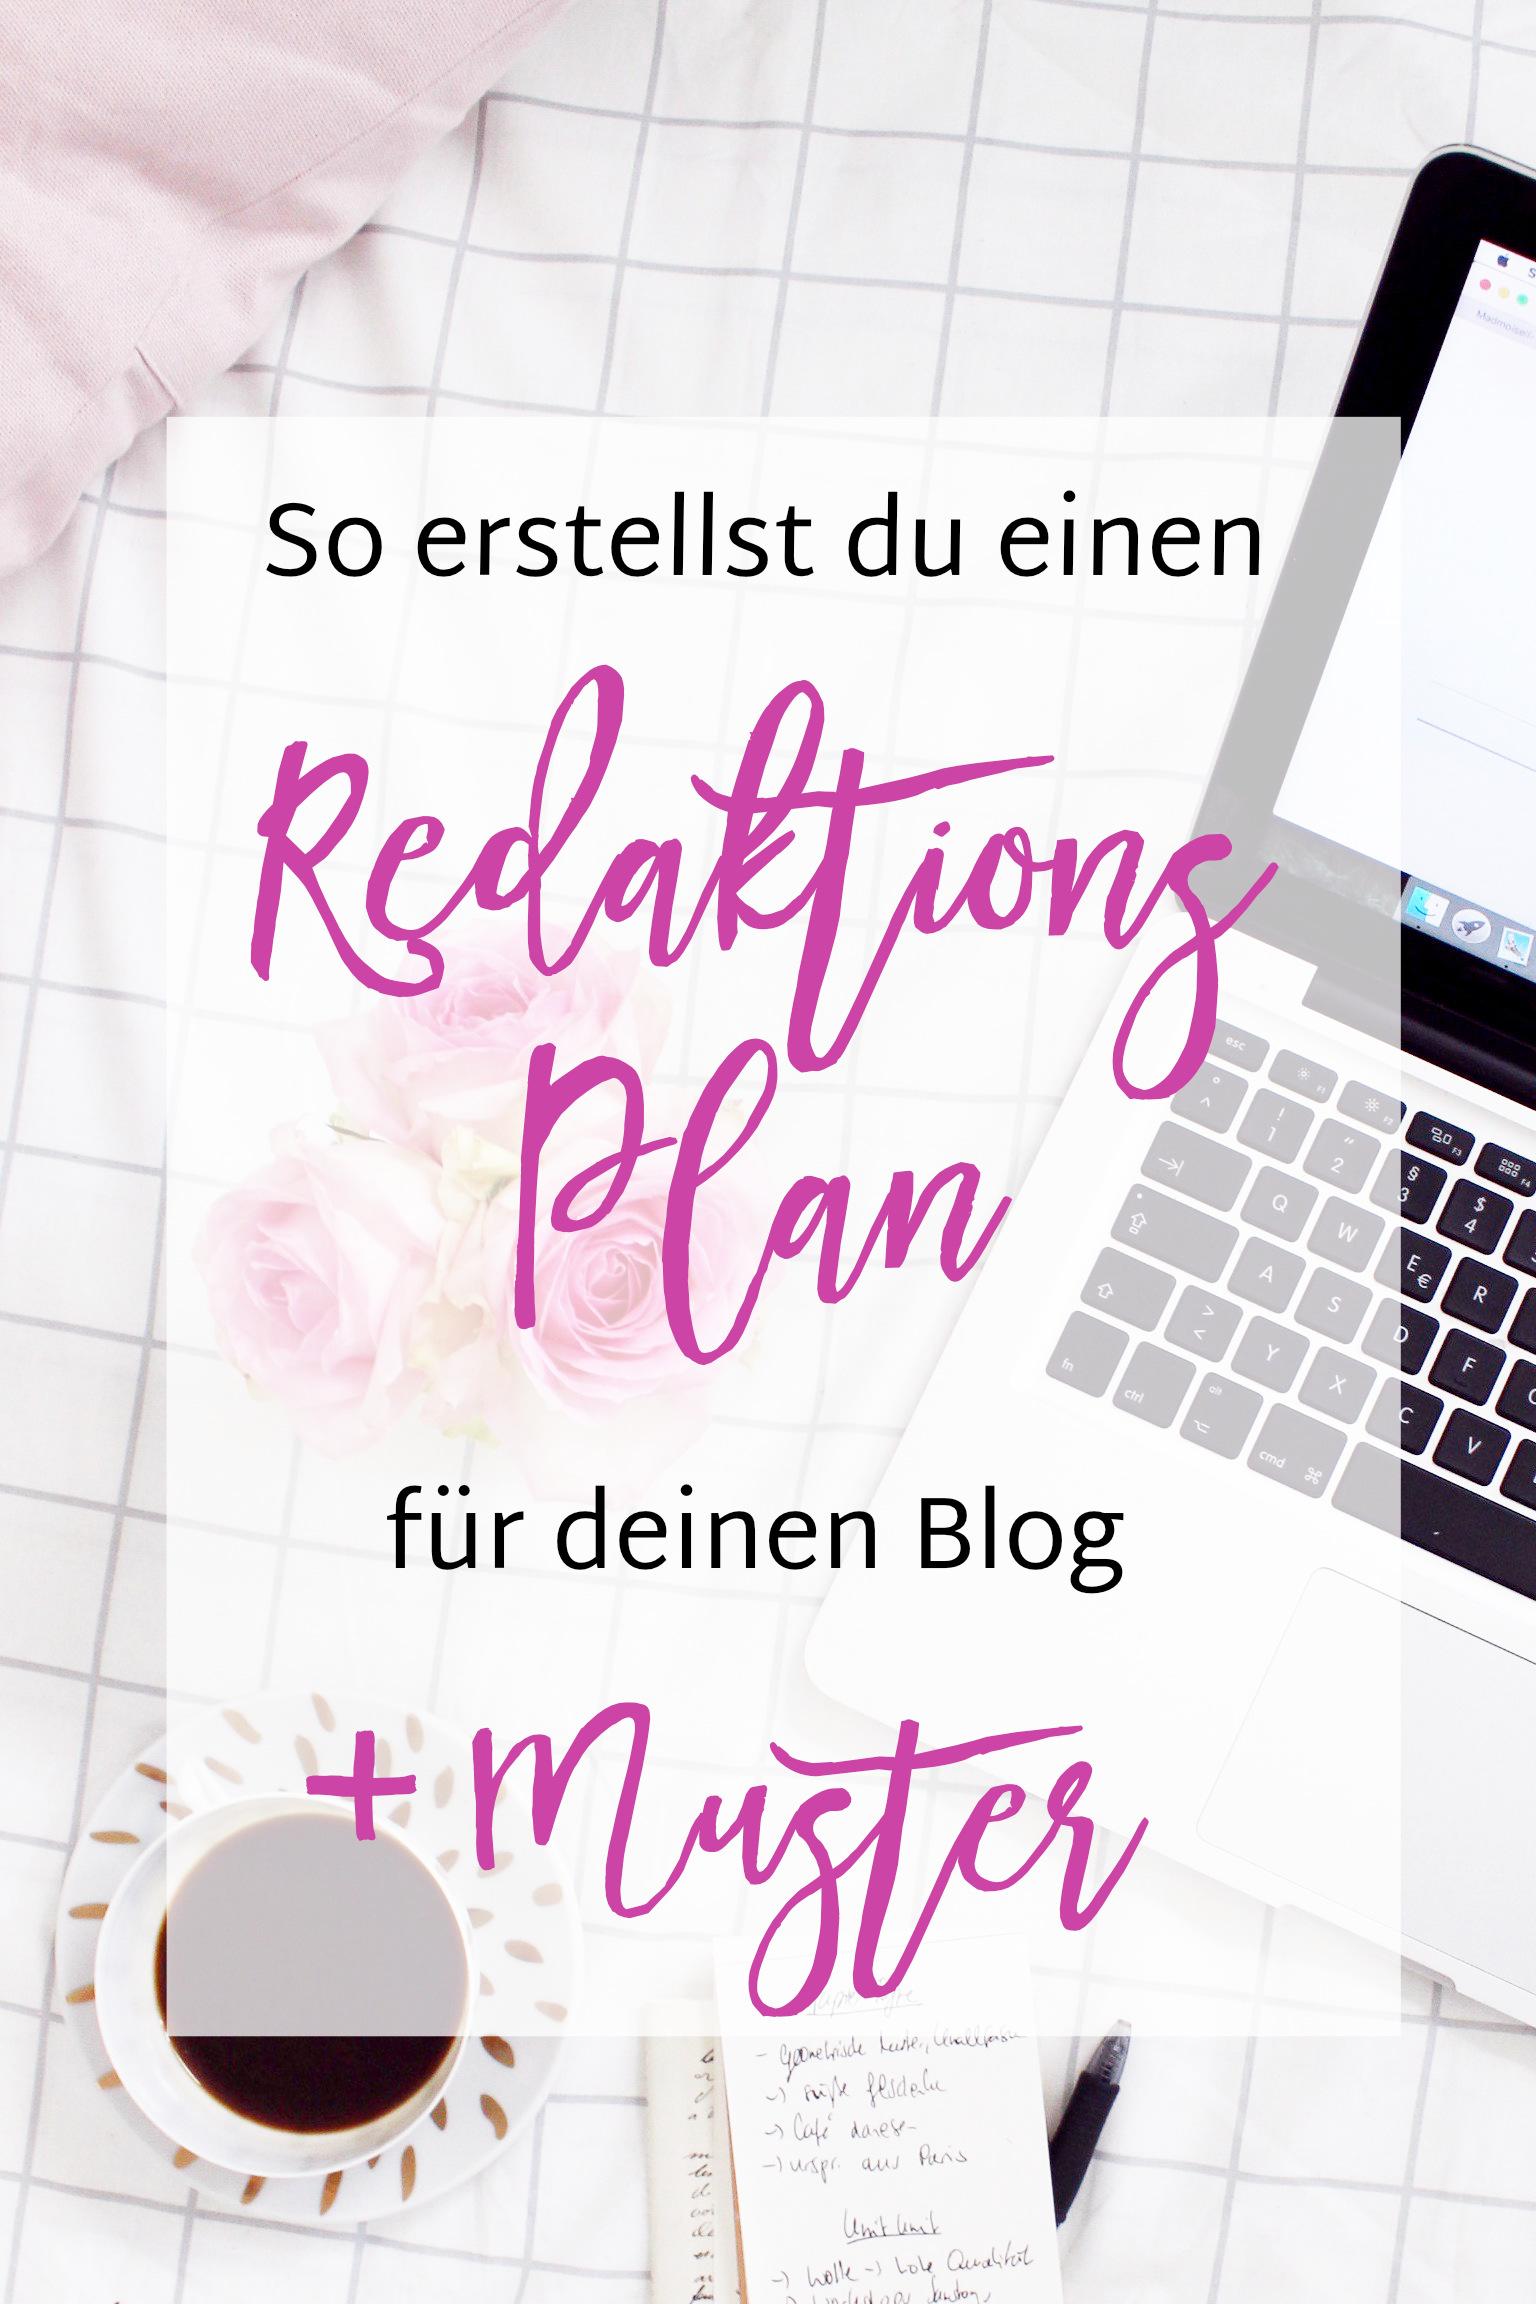 Redaktionsplan fuer Blog erstellen